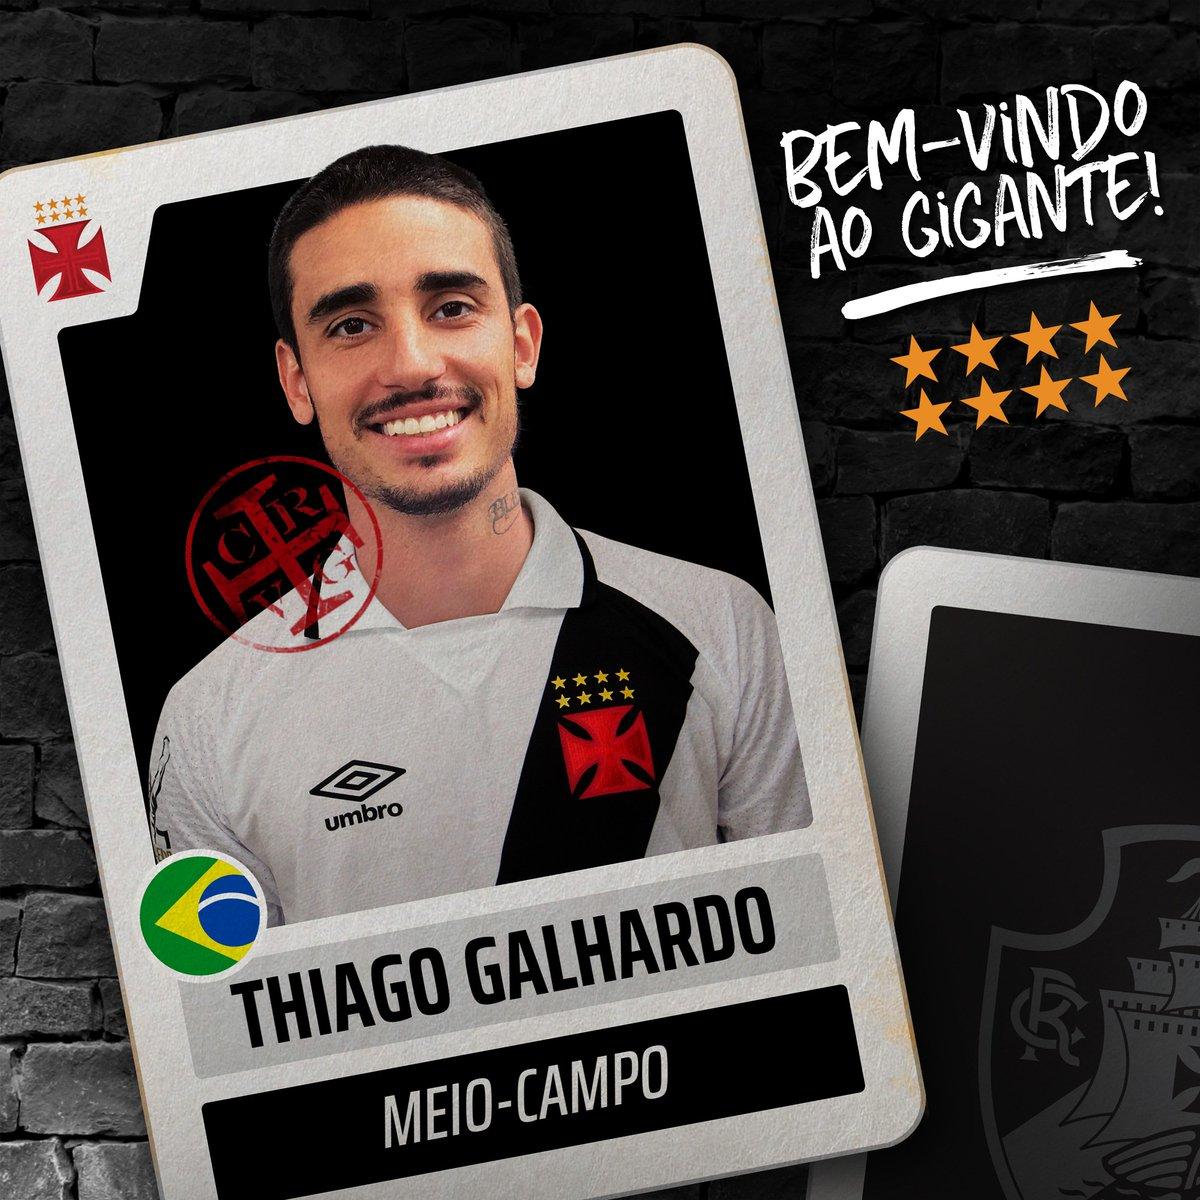 Vasco oficializa contratação de Thiago Galhardo em rede social ... 078b7e0b994be